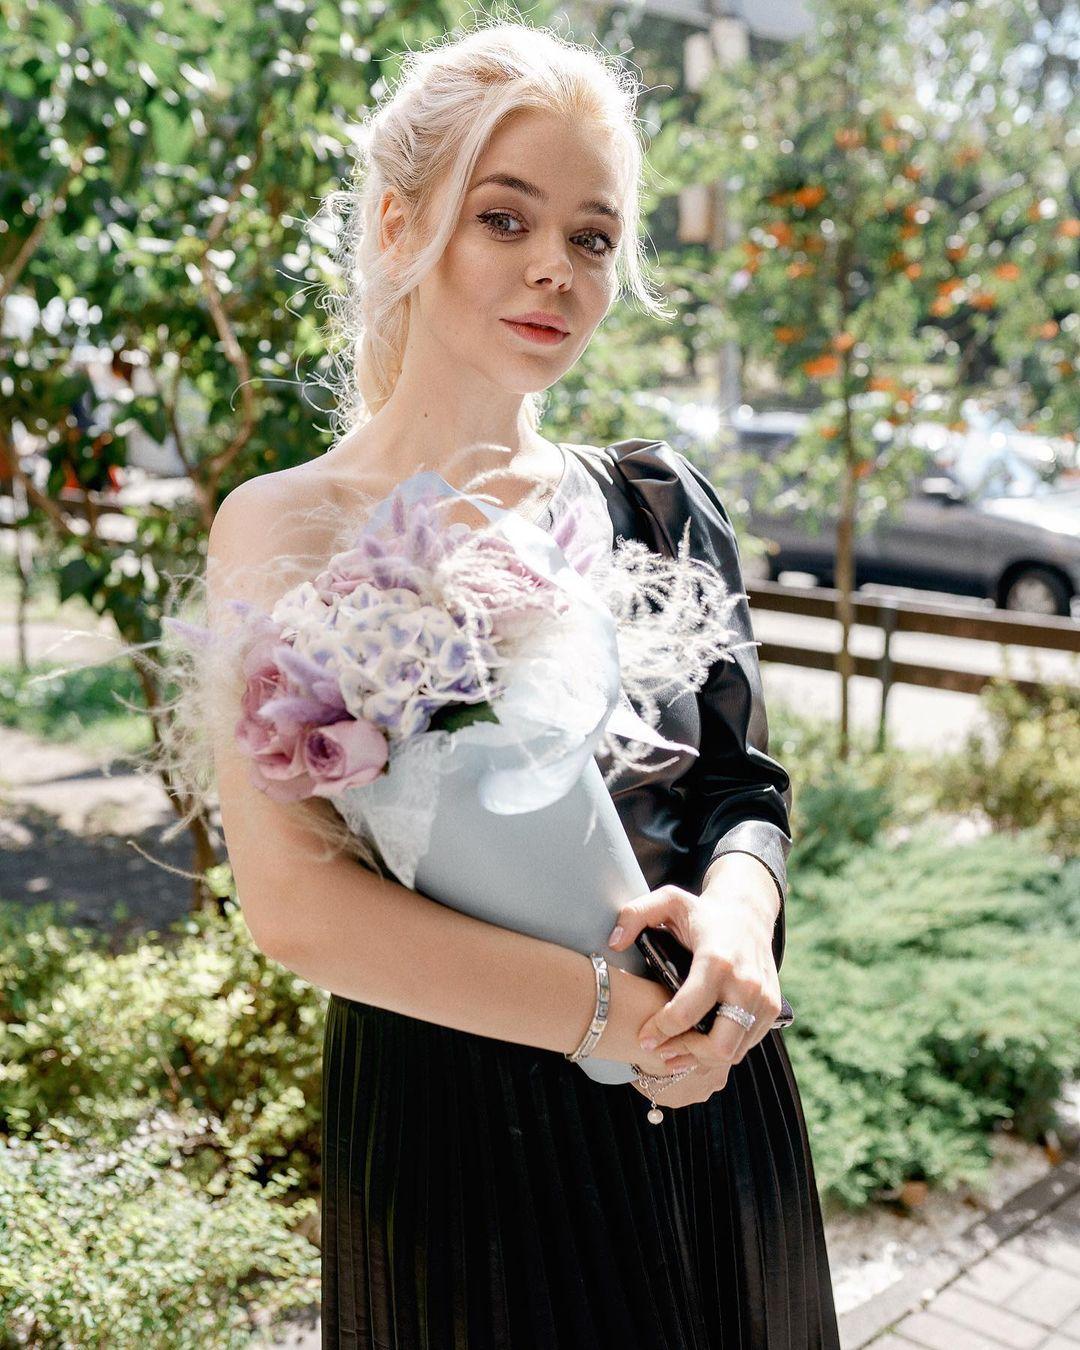 Алина Гросу спровоцировала слухи о романе со взрослым актером